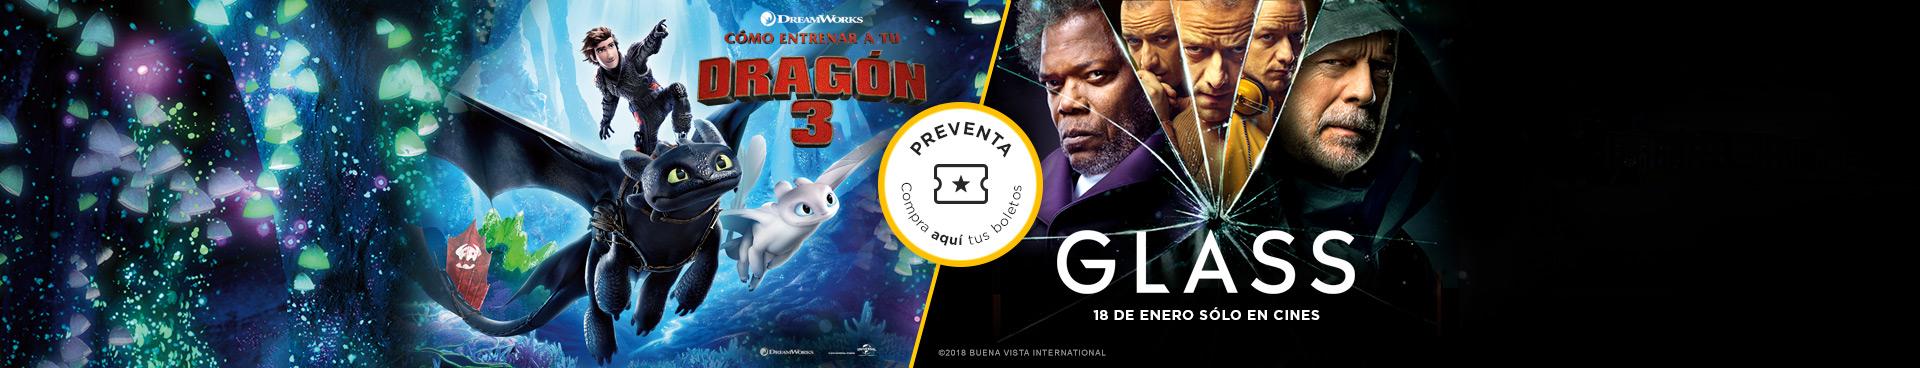 Preventas: Cómo entrenar a tu dragón 3 / Glass